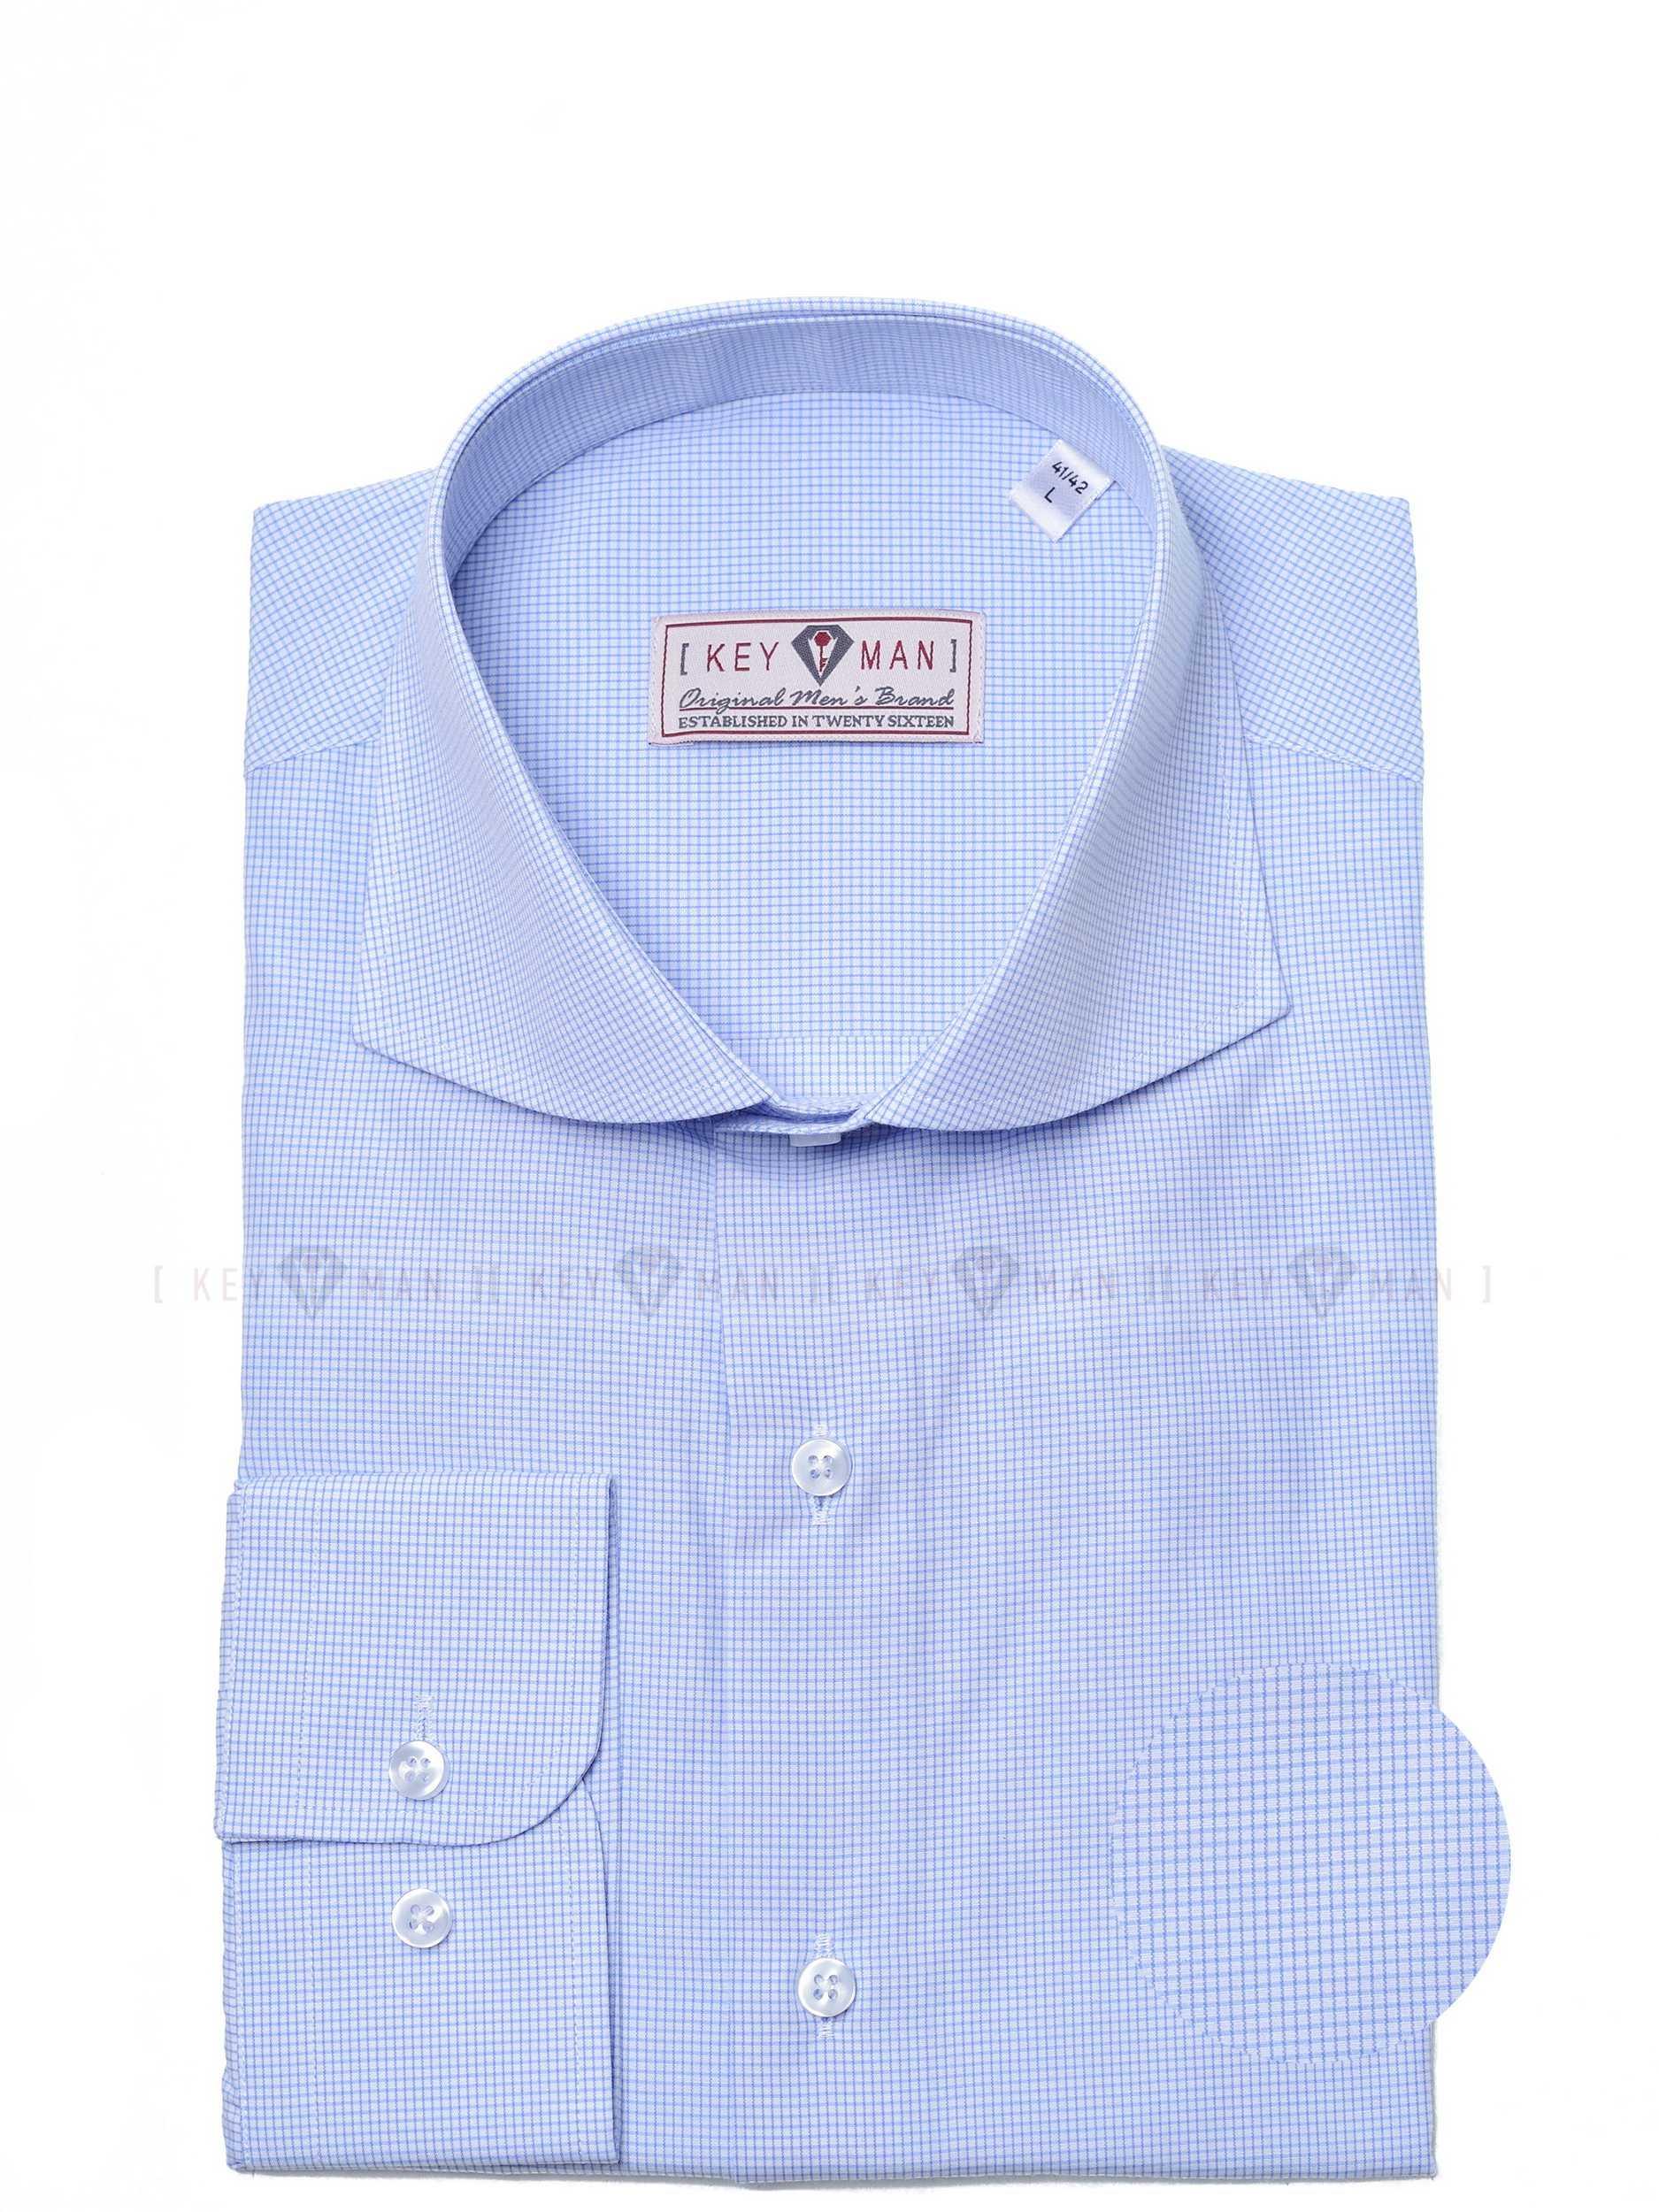 Рубашка мужская белая с акульим воротником в мелкую голубую клетку (Curved cutaway collar)